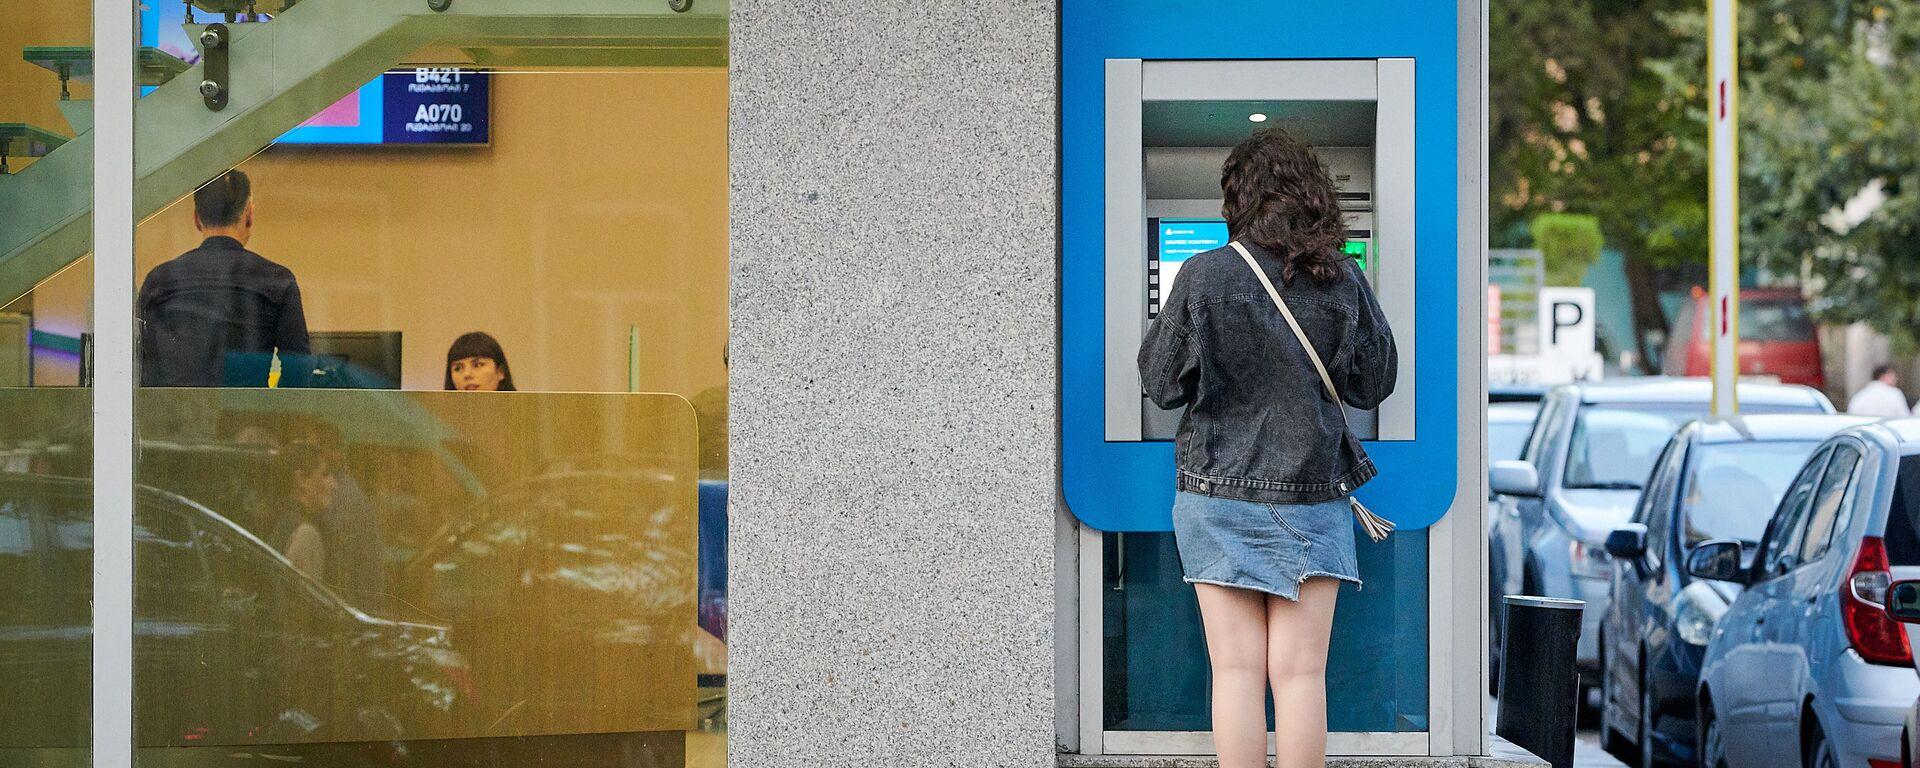 Девушка снимает деньги с карты в банкомате TBC bank - Sputnik Грузия, 1920, 18.03.2021